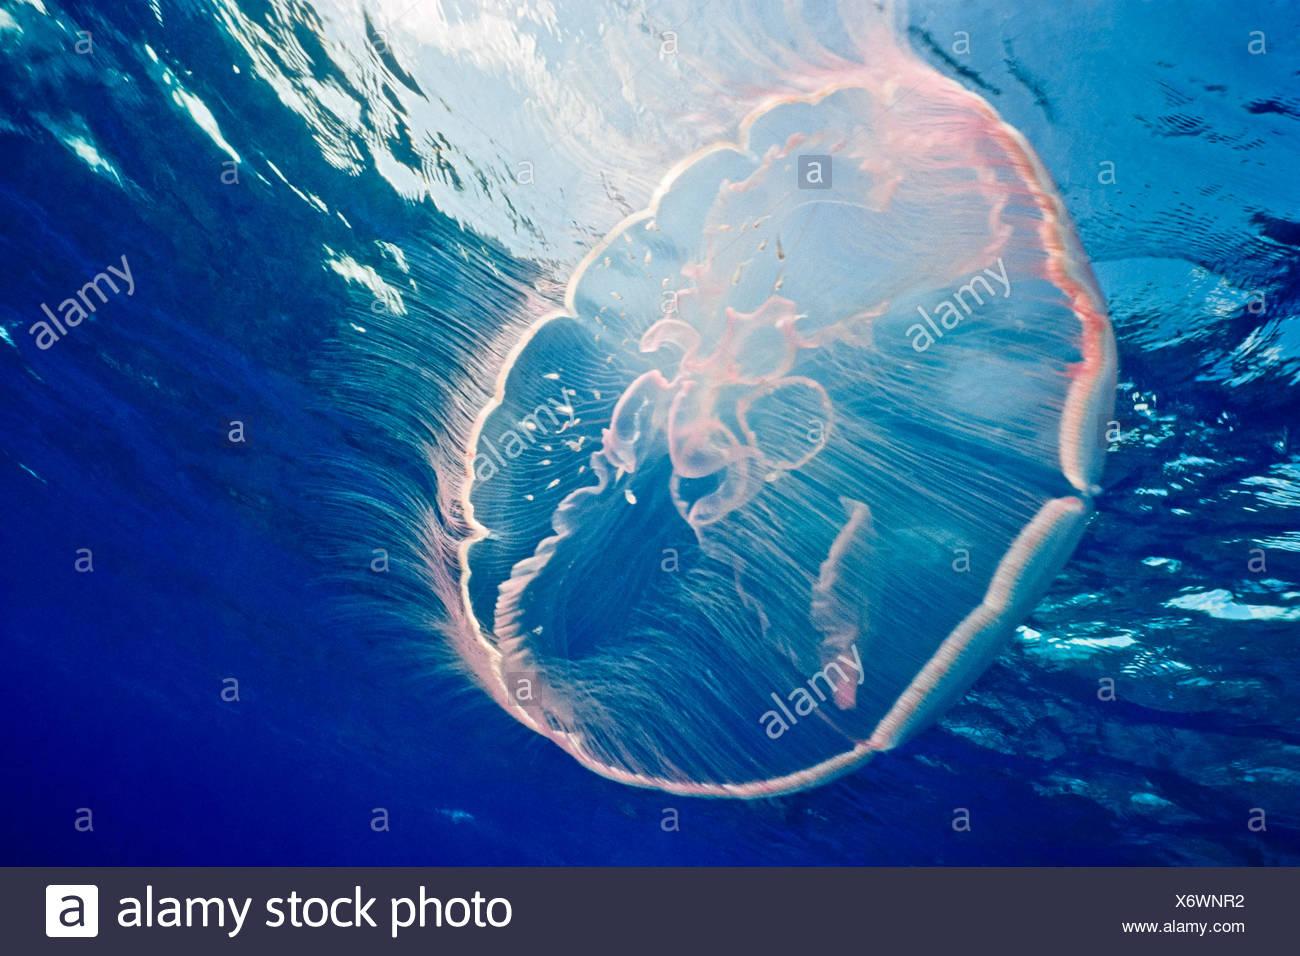 Mond Qualle, Aurelia Golden Key Largo, Florida, USA Stockfoto